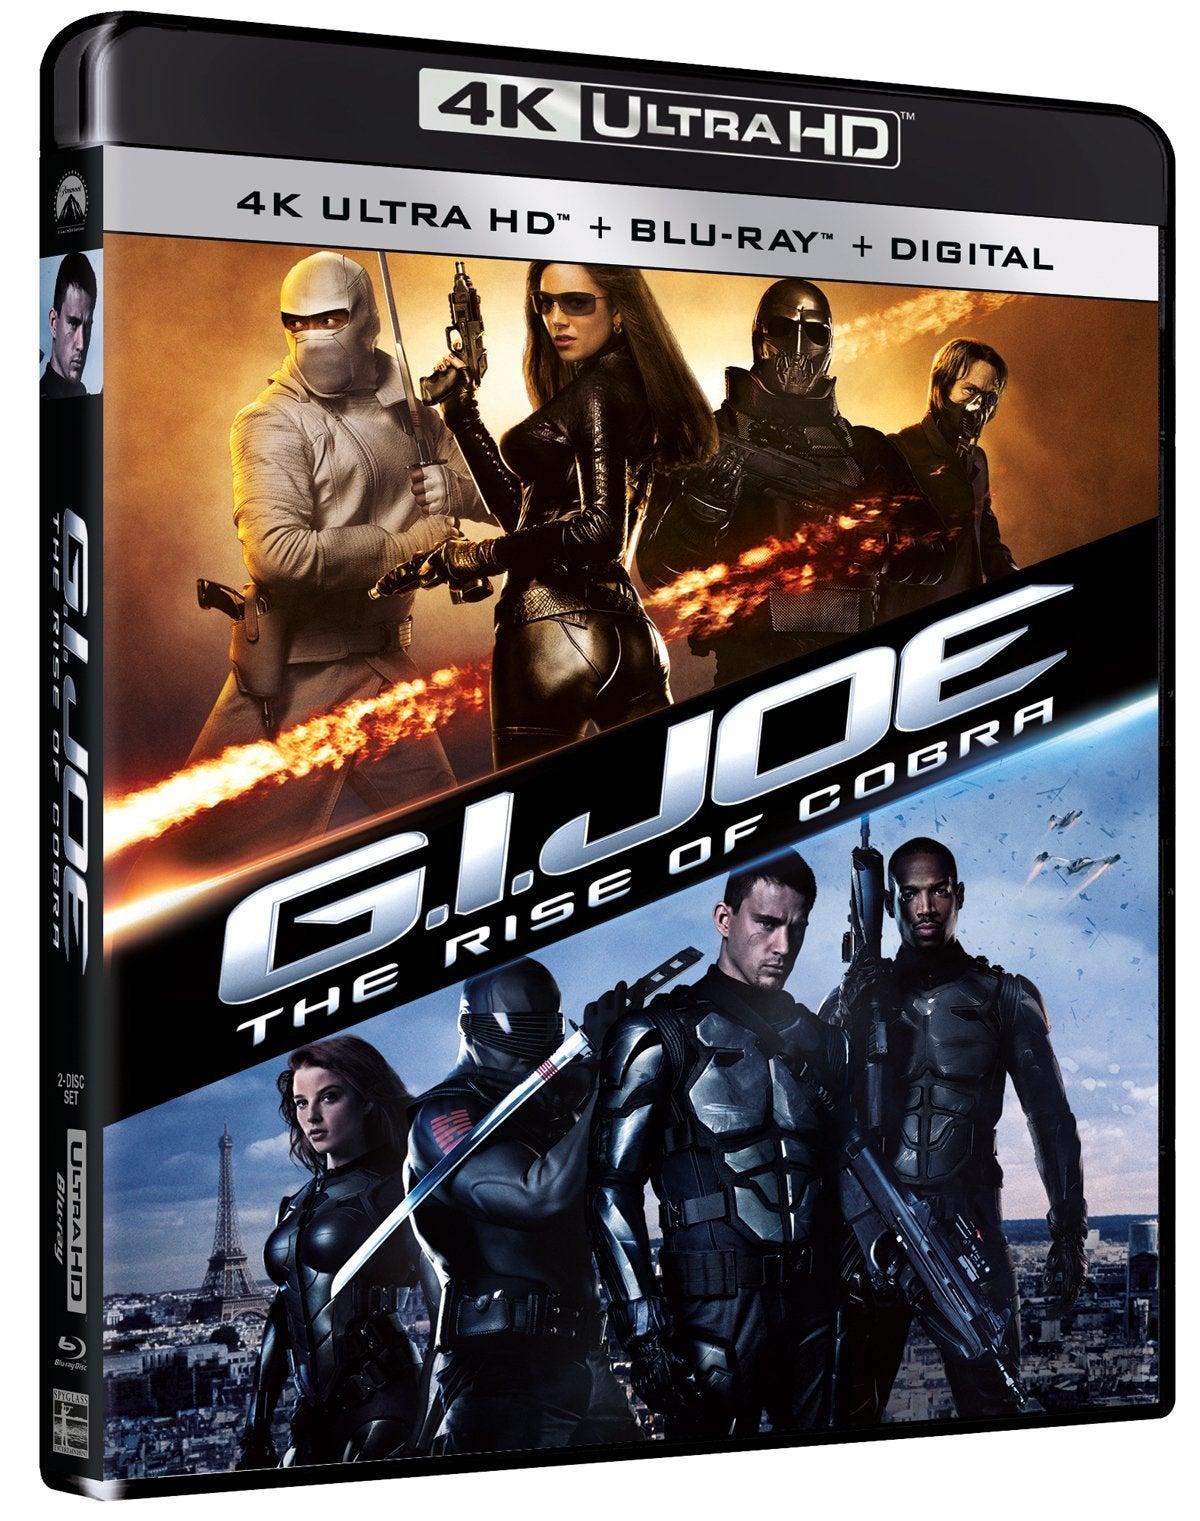 gi joe the rise of cobra 4k blu ray cover